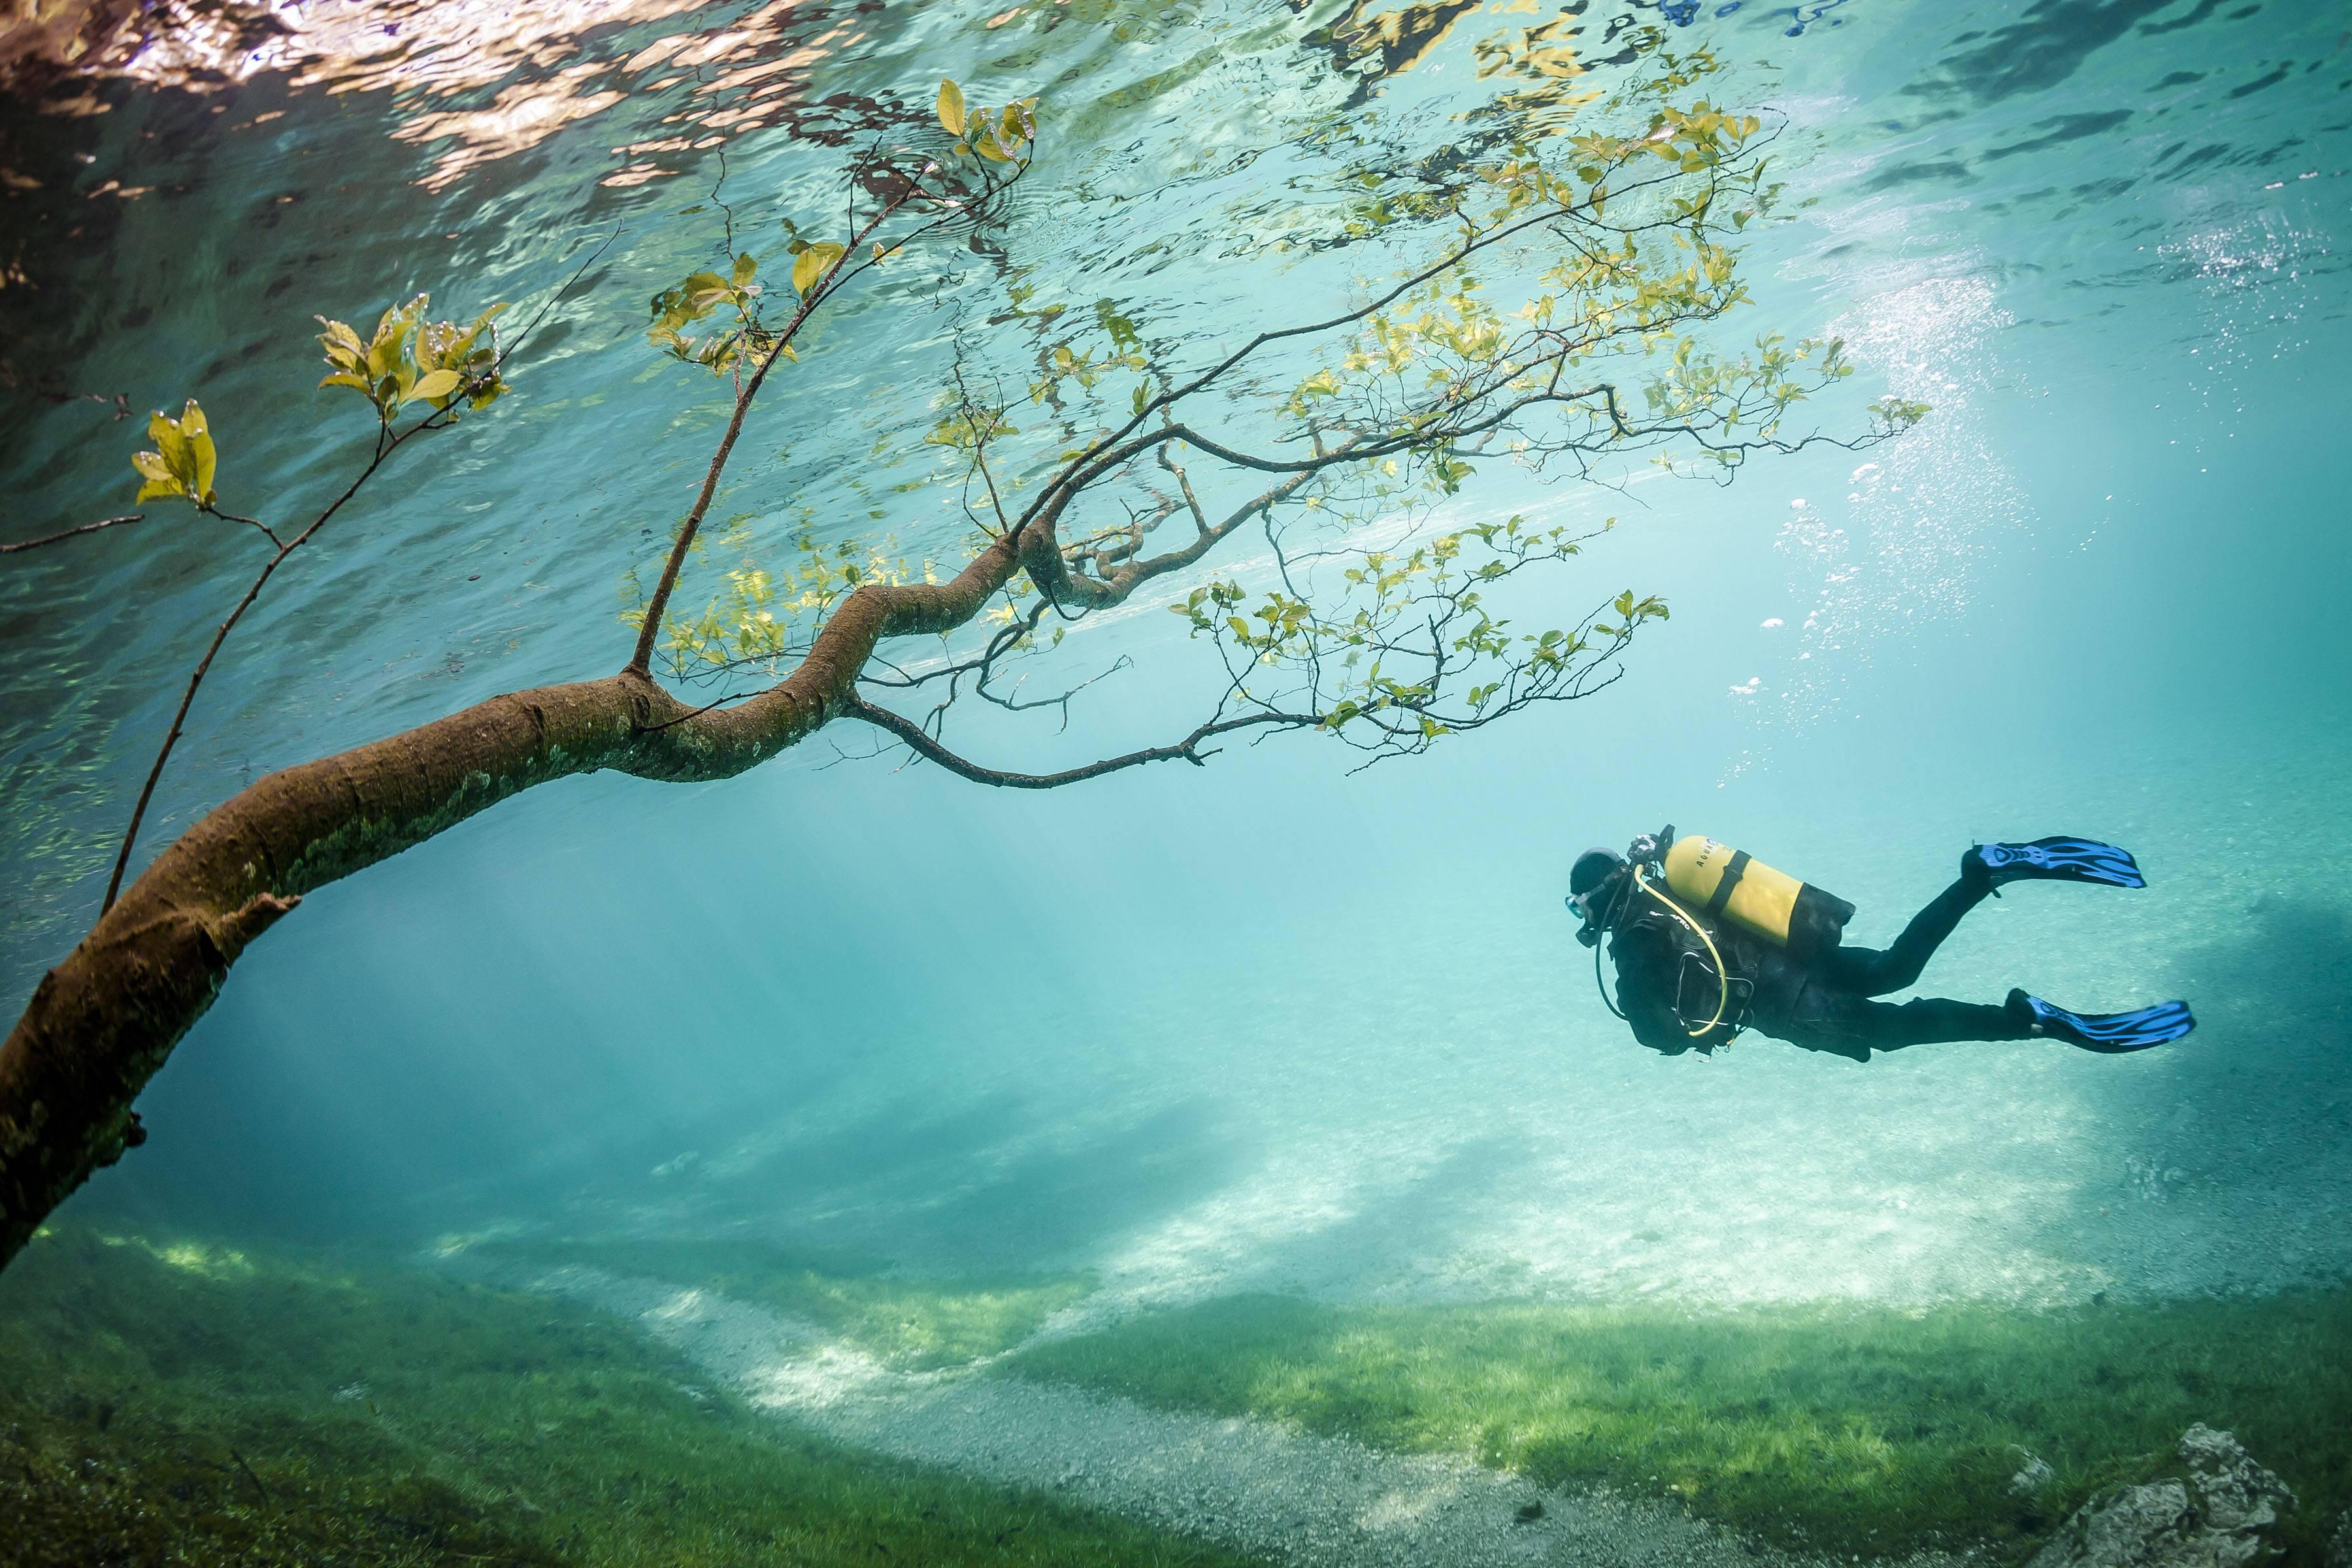 обои аквалангист, дайвер, креатив, тропинка картинки фото